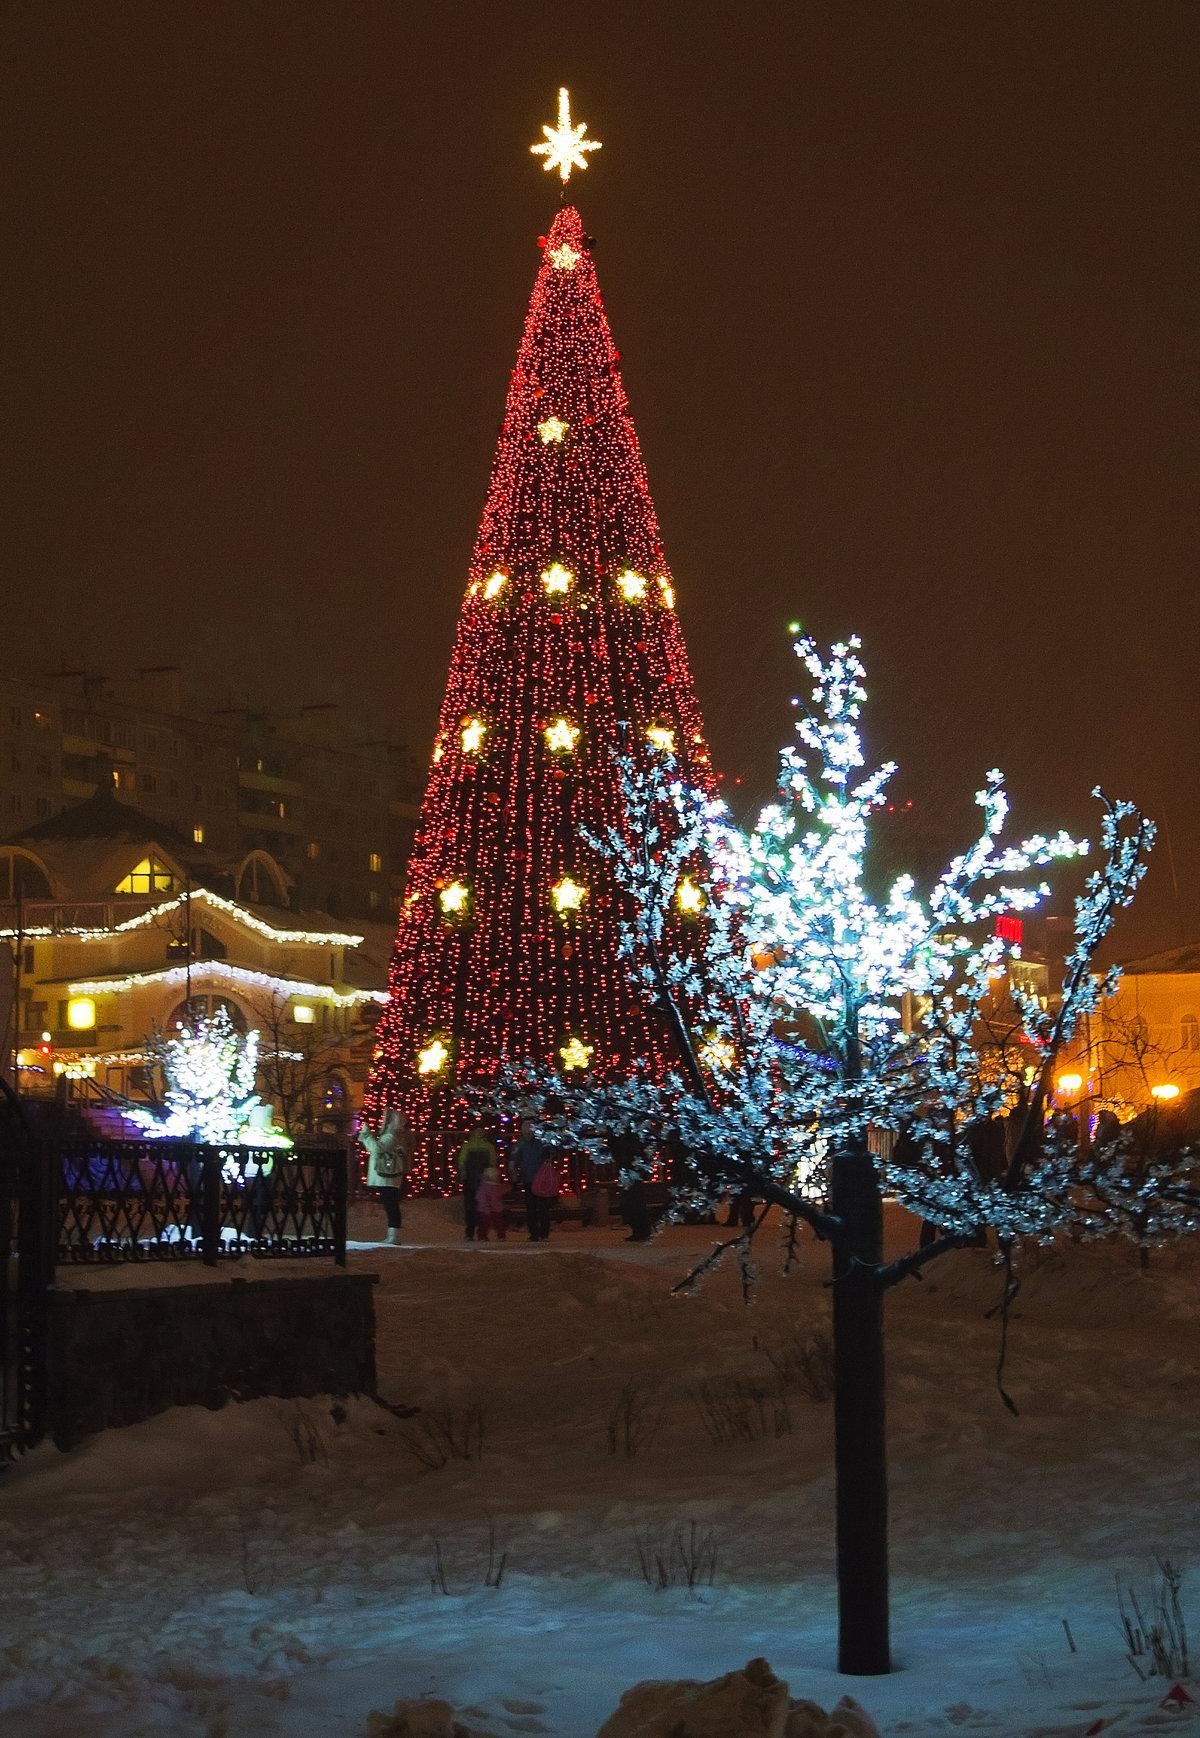 вечерний новогодний дмитров фото запросу оборудование